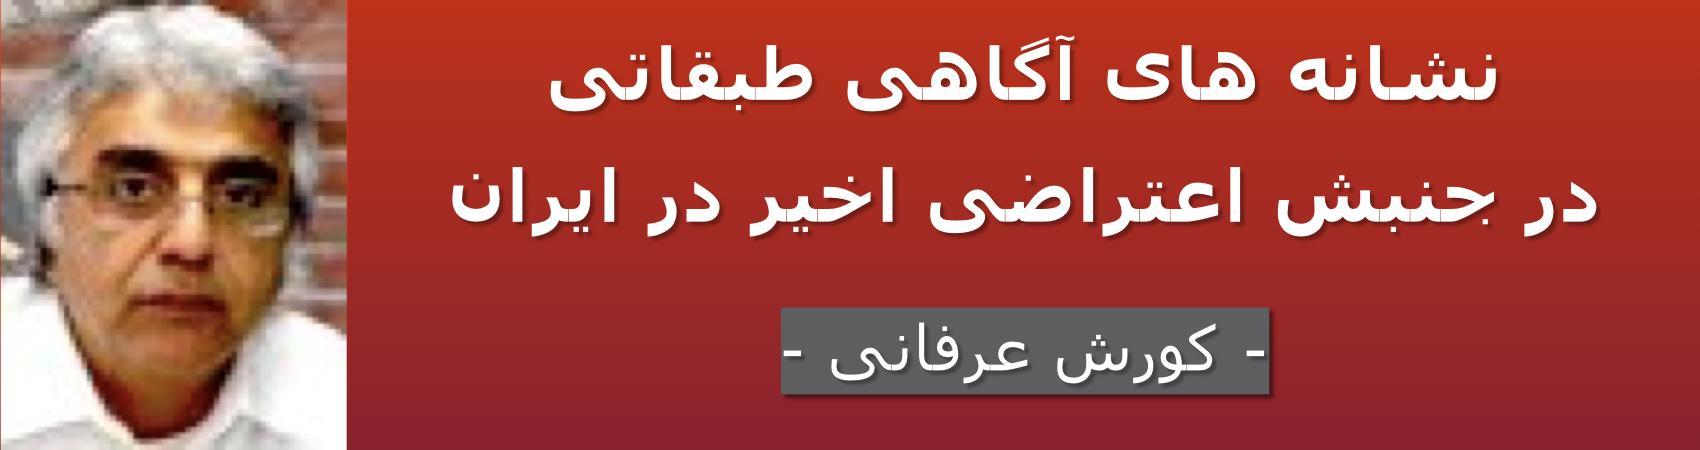 نشانههای آگاهی طبقاتی در جنبش اعتراضی اخیر در ایران